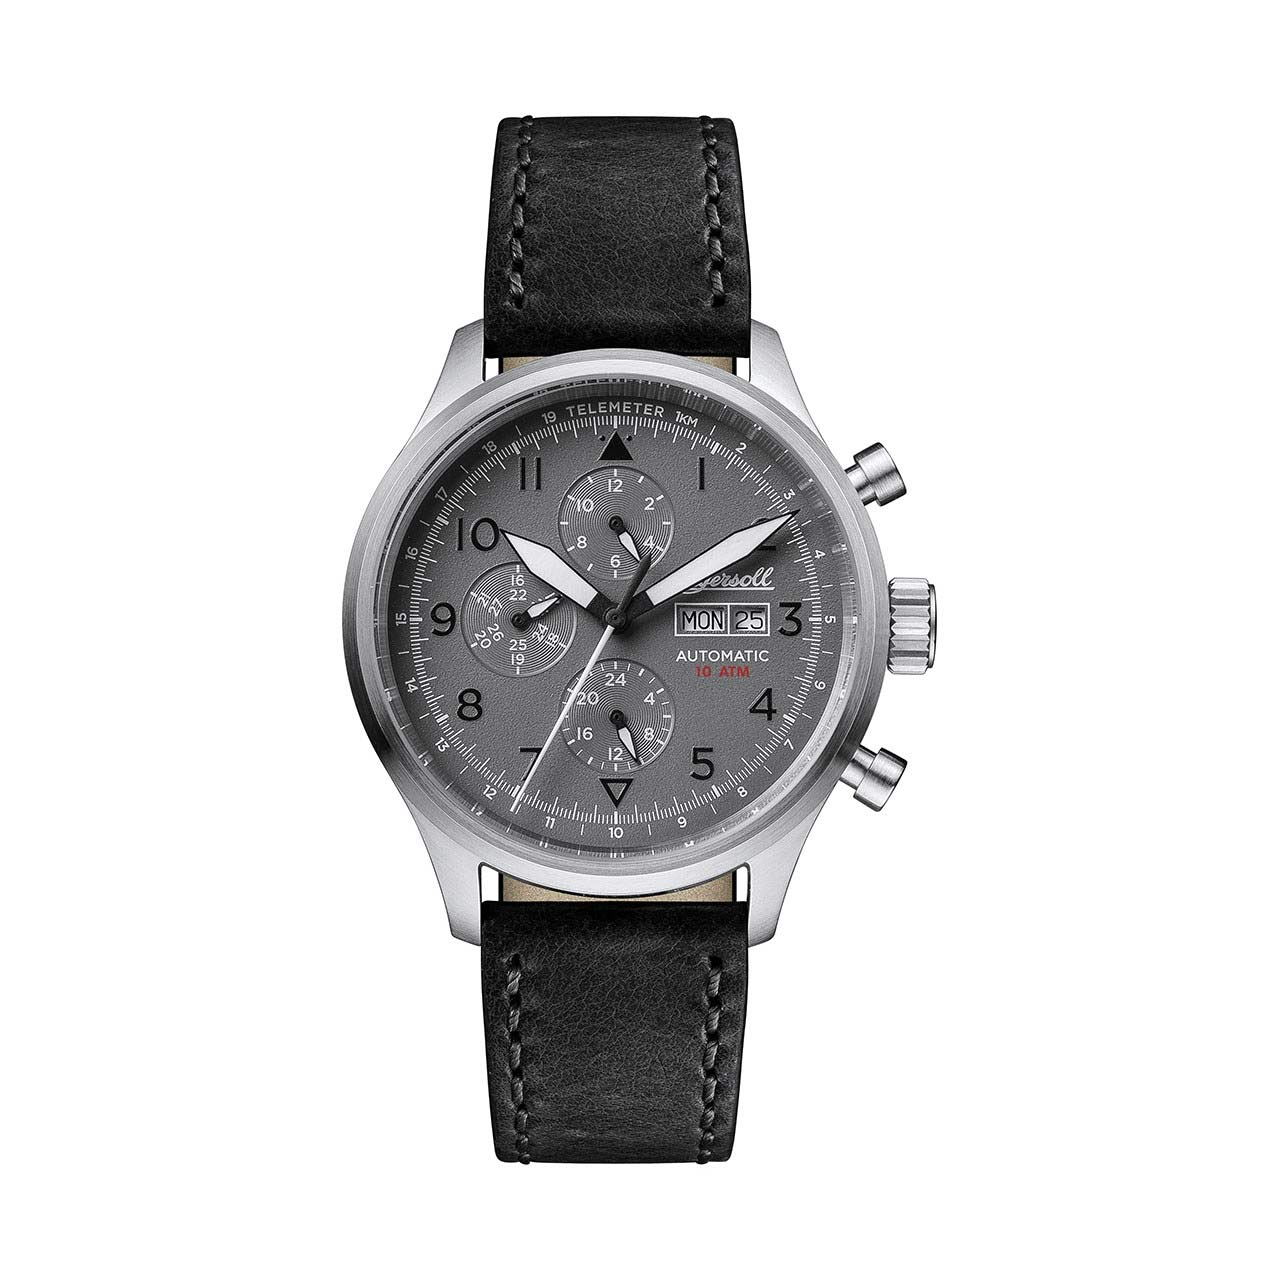 ساعت مچی عقربه ای مردانه اینگرسل مدل I01903 1